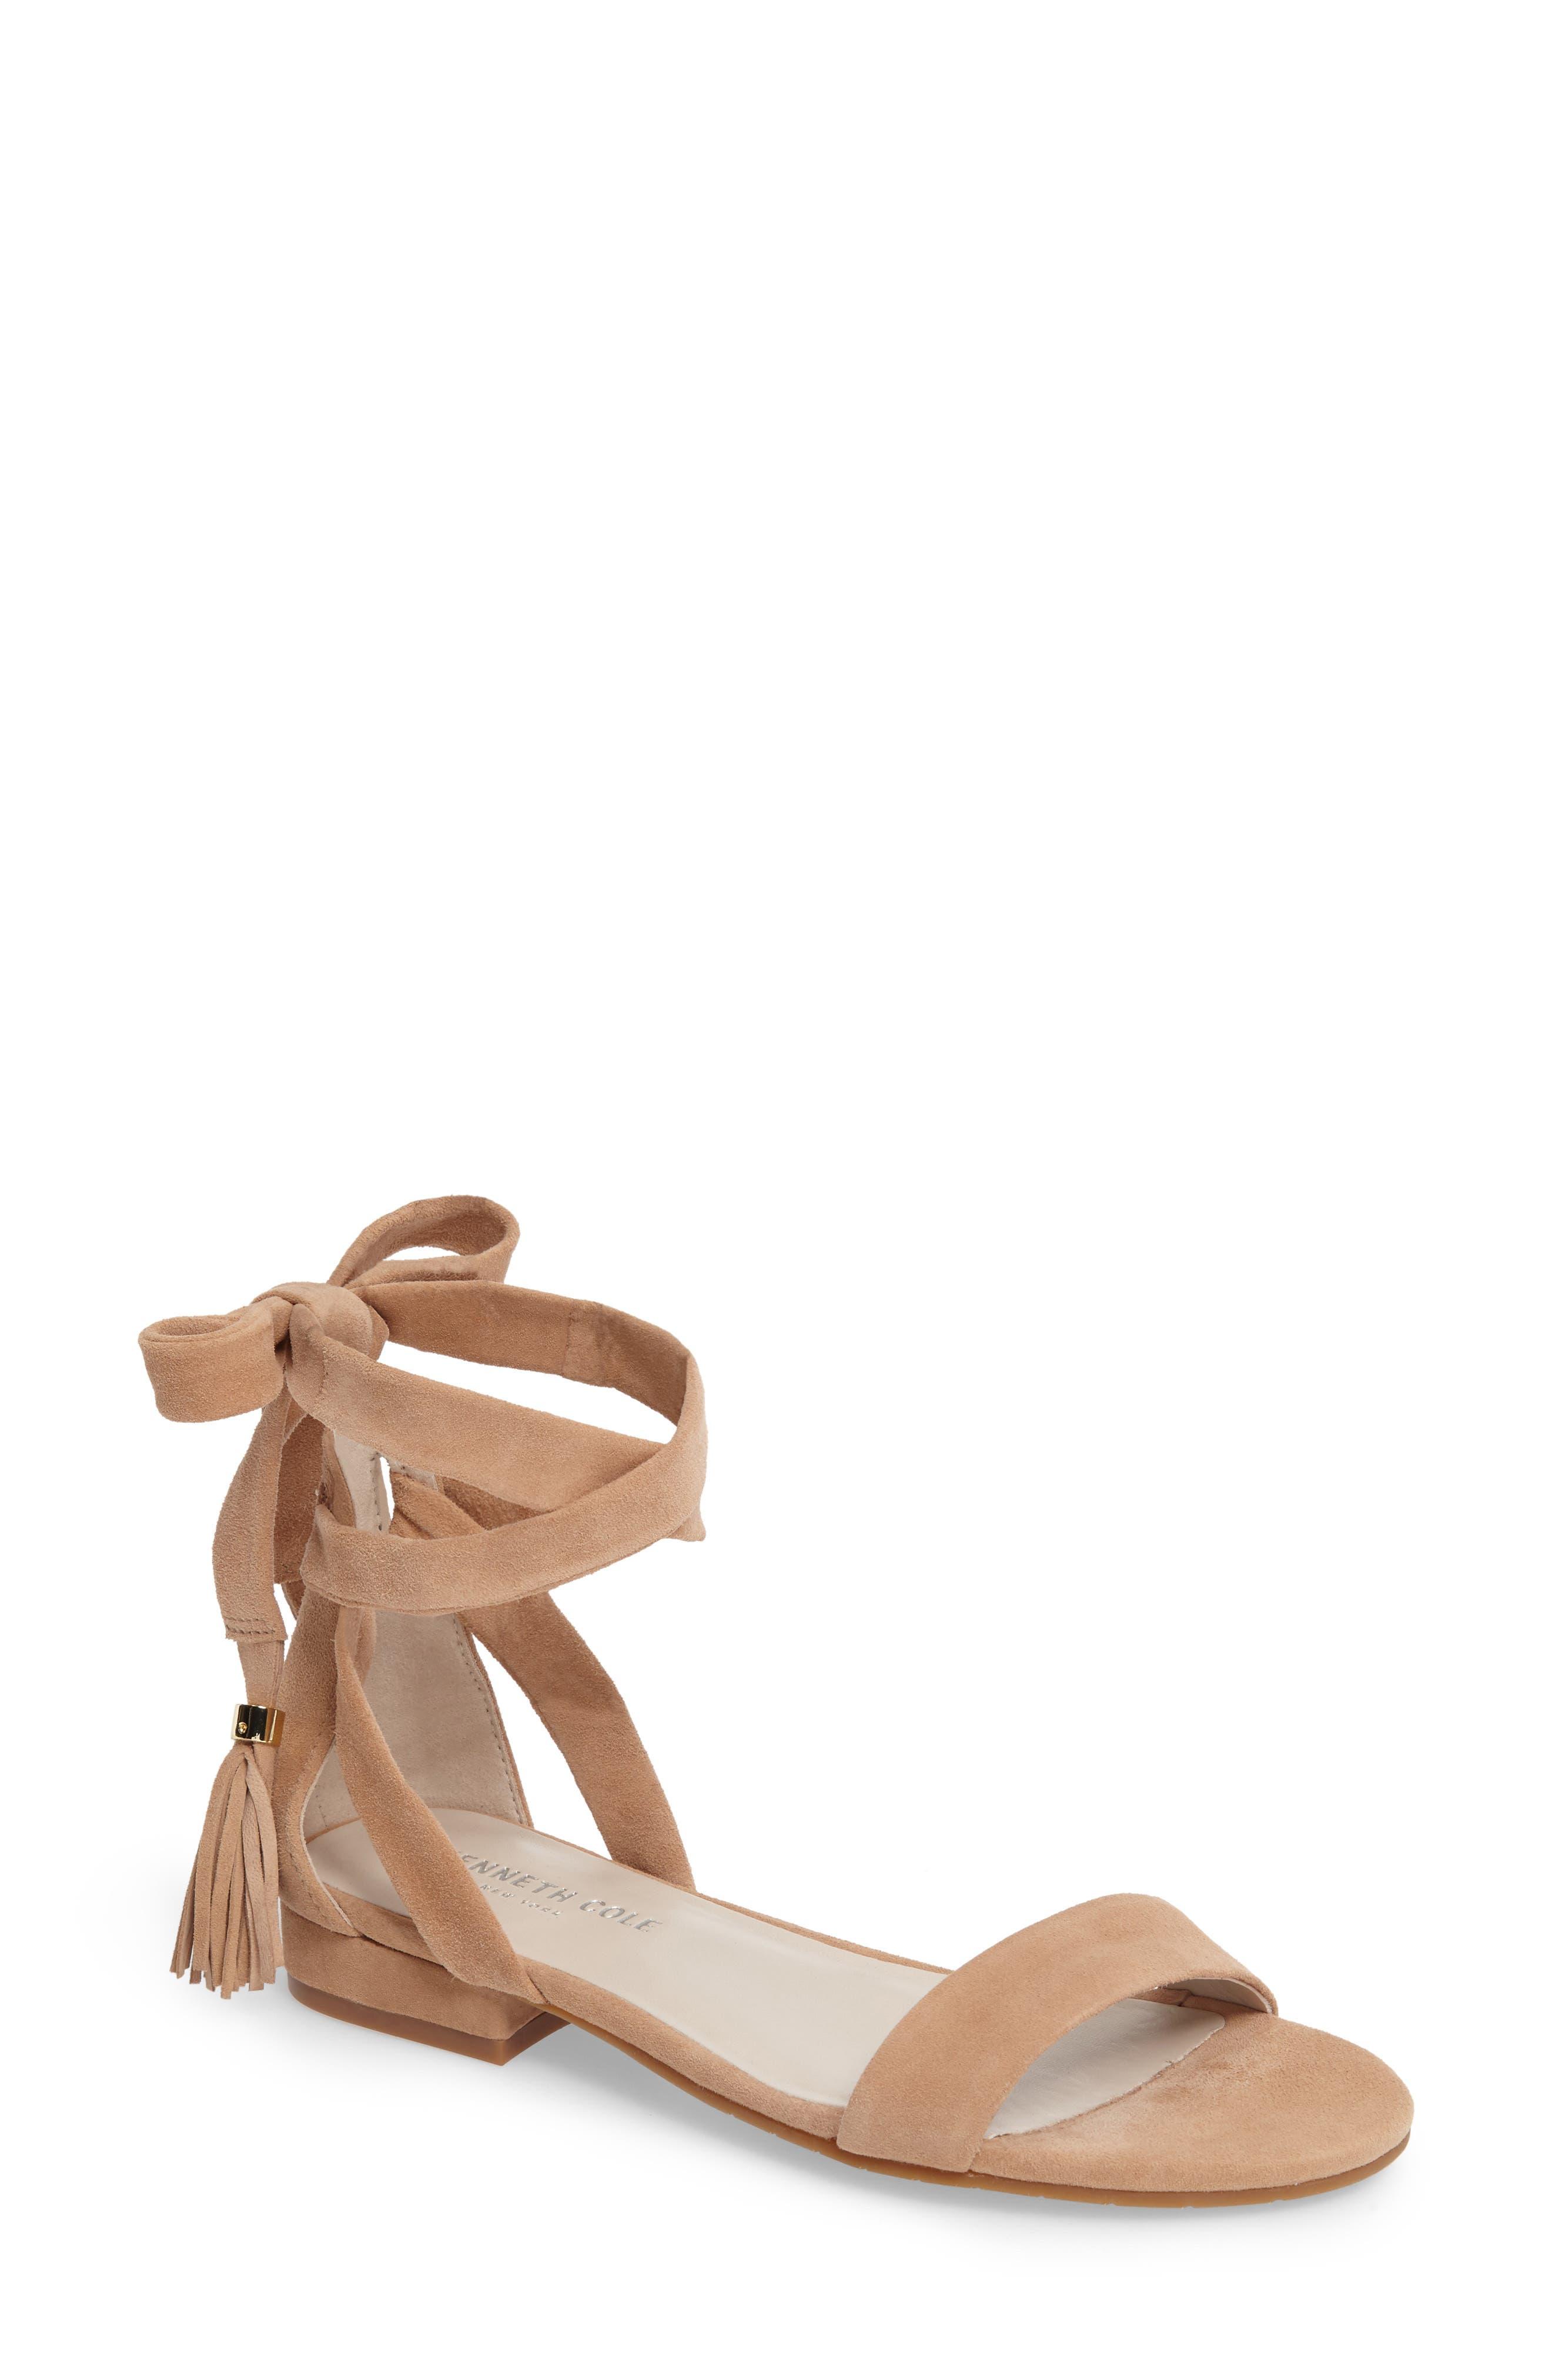 Valen Tassel Lace-Up Sandal,                             Main thumbnail 6, color,